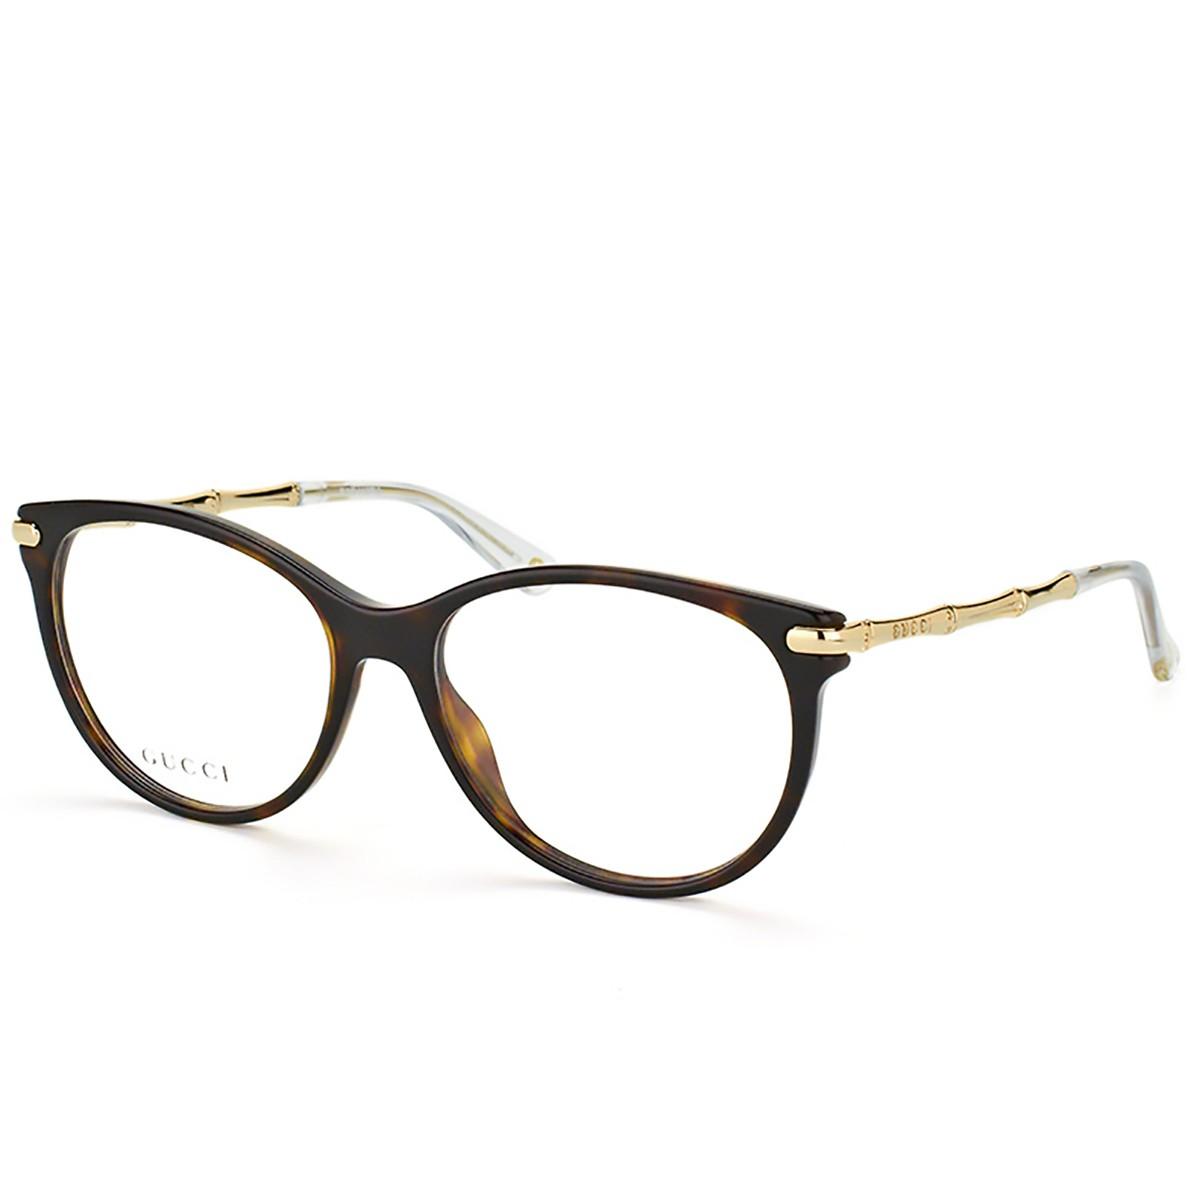 ad4bc0dfd0554 Compre Óculos de Grau Gucci em 10X